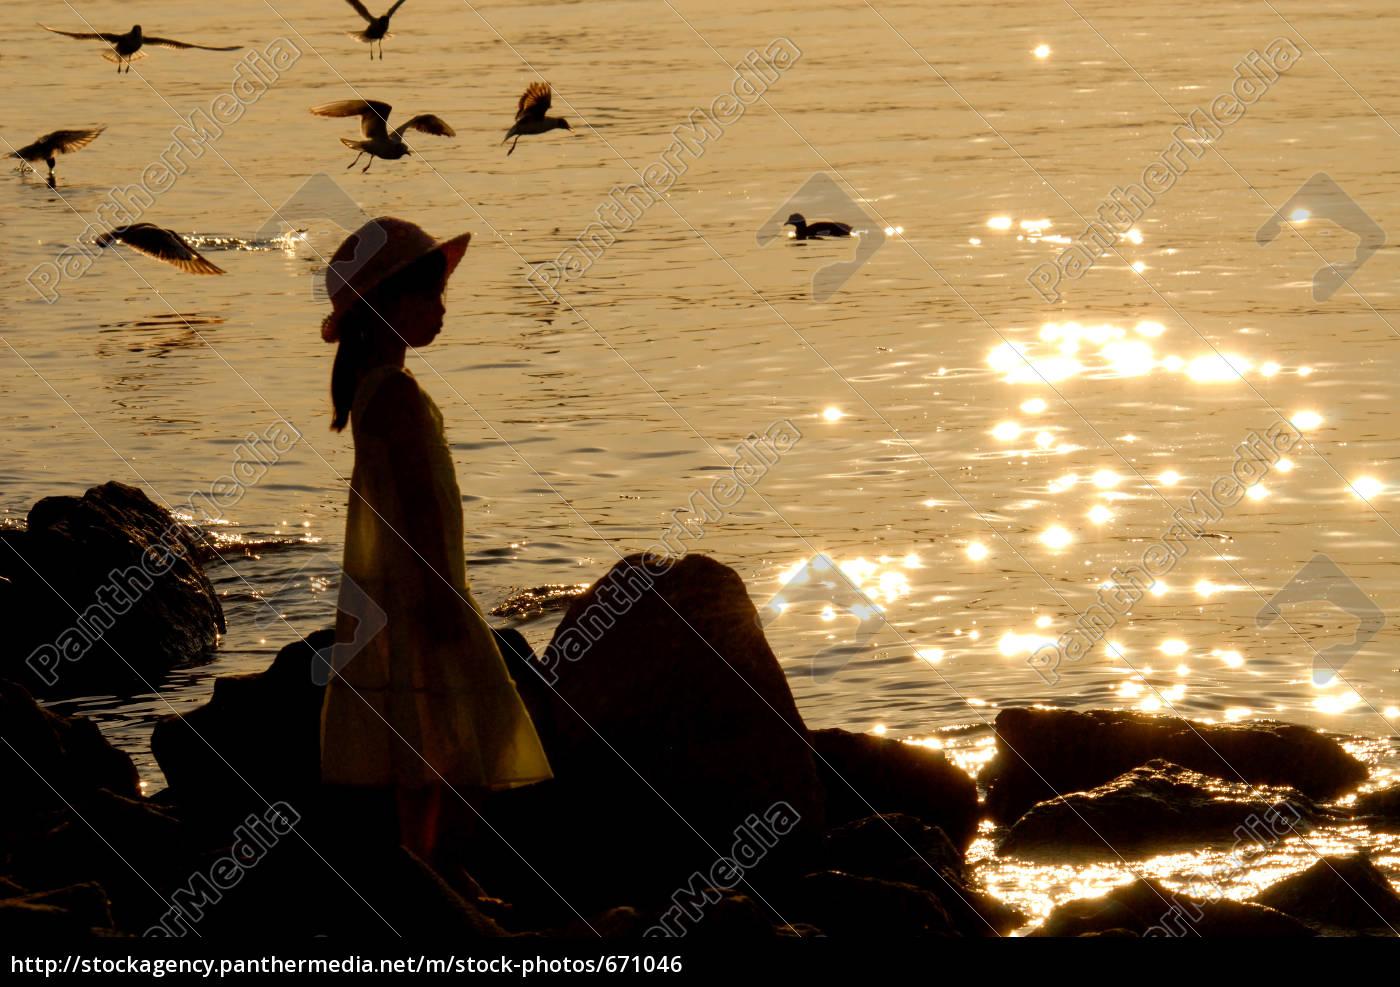 golden, evening - 671046